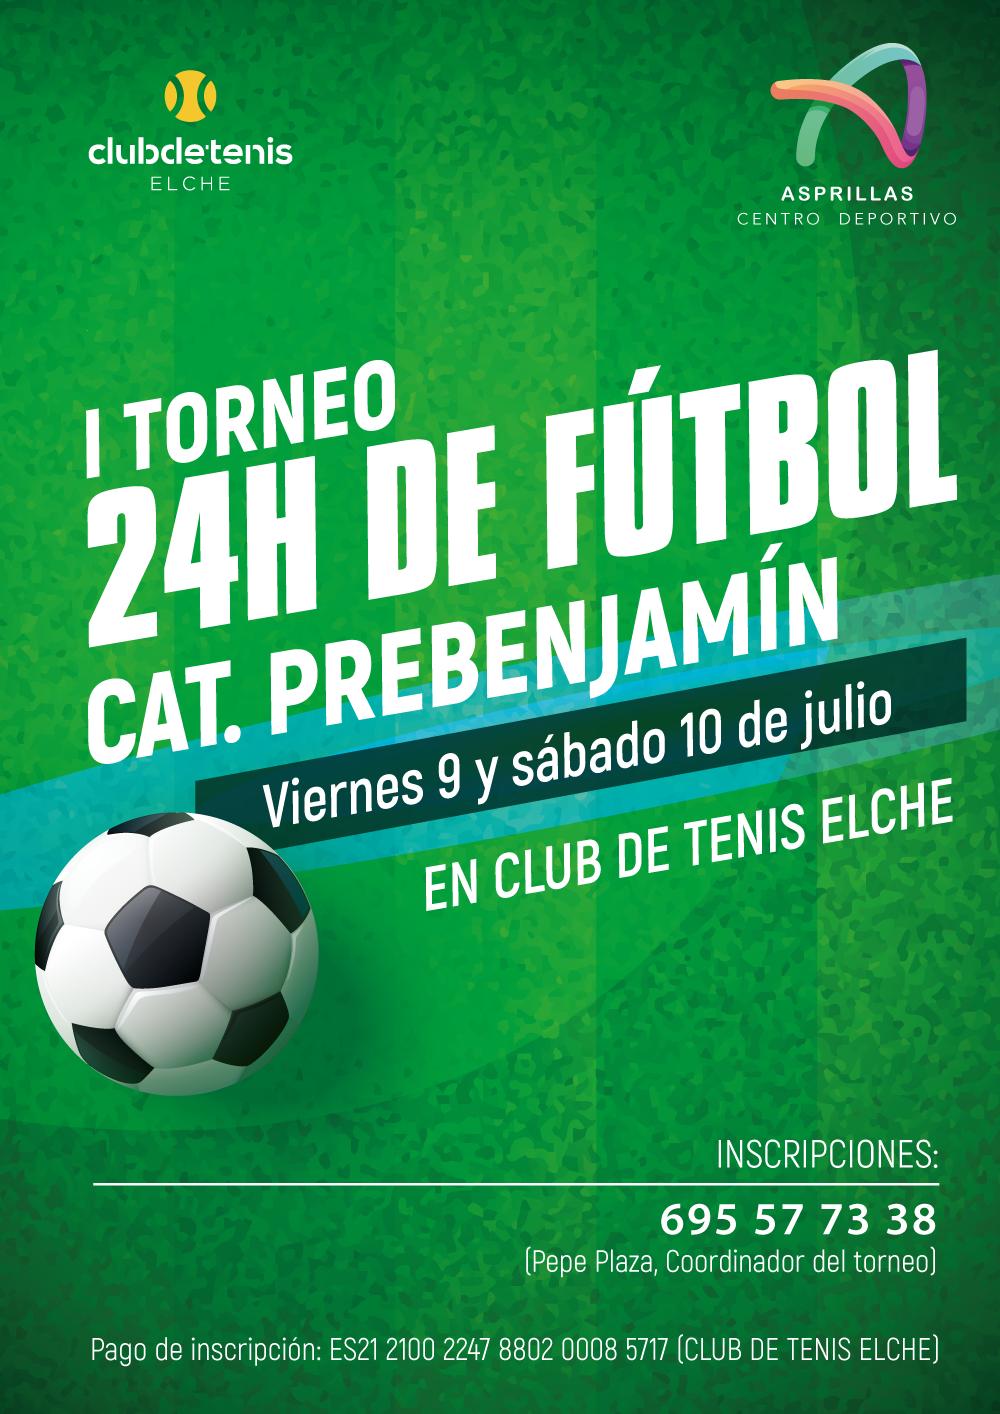 Cartel_Torneo-24h-Futbol